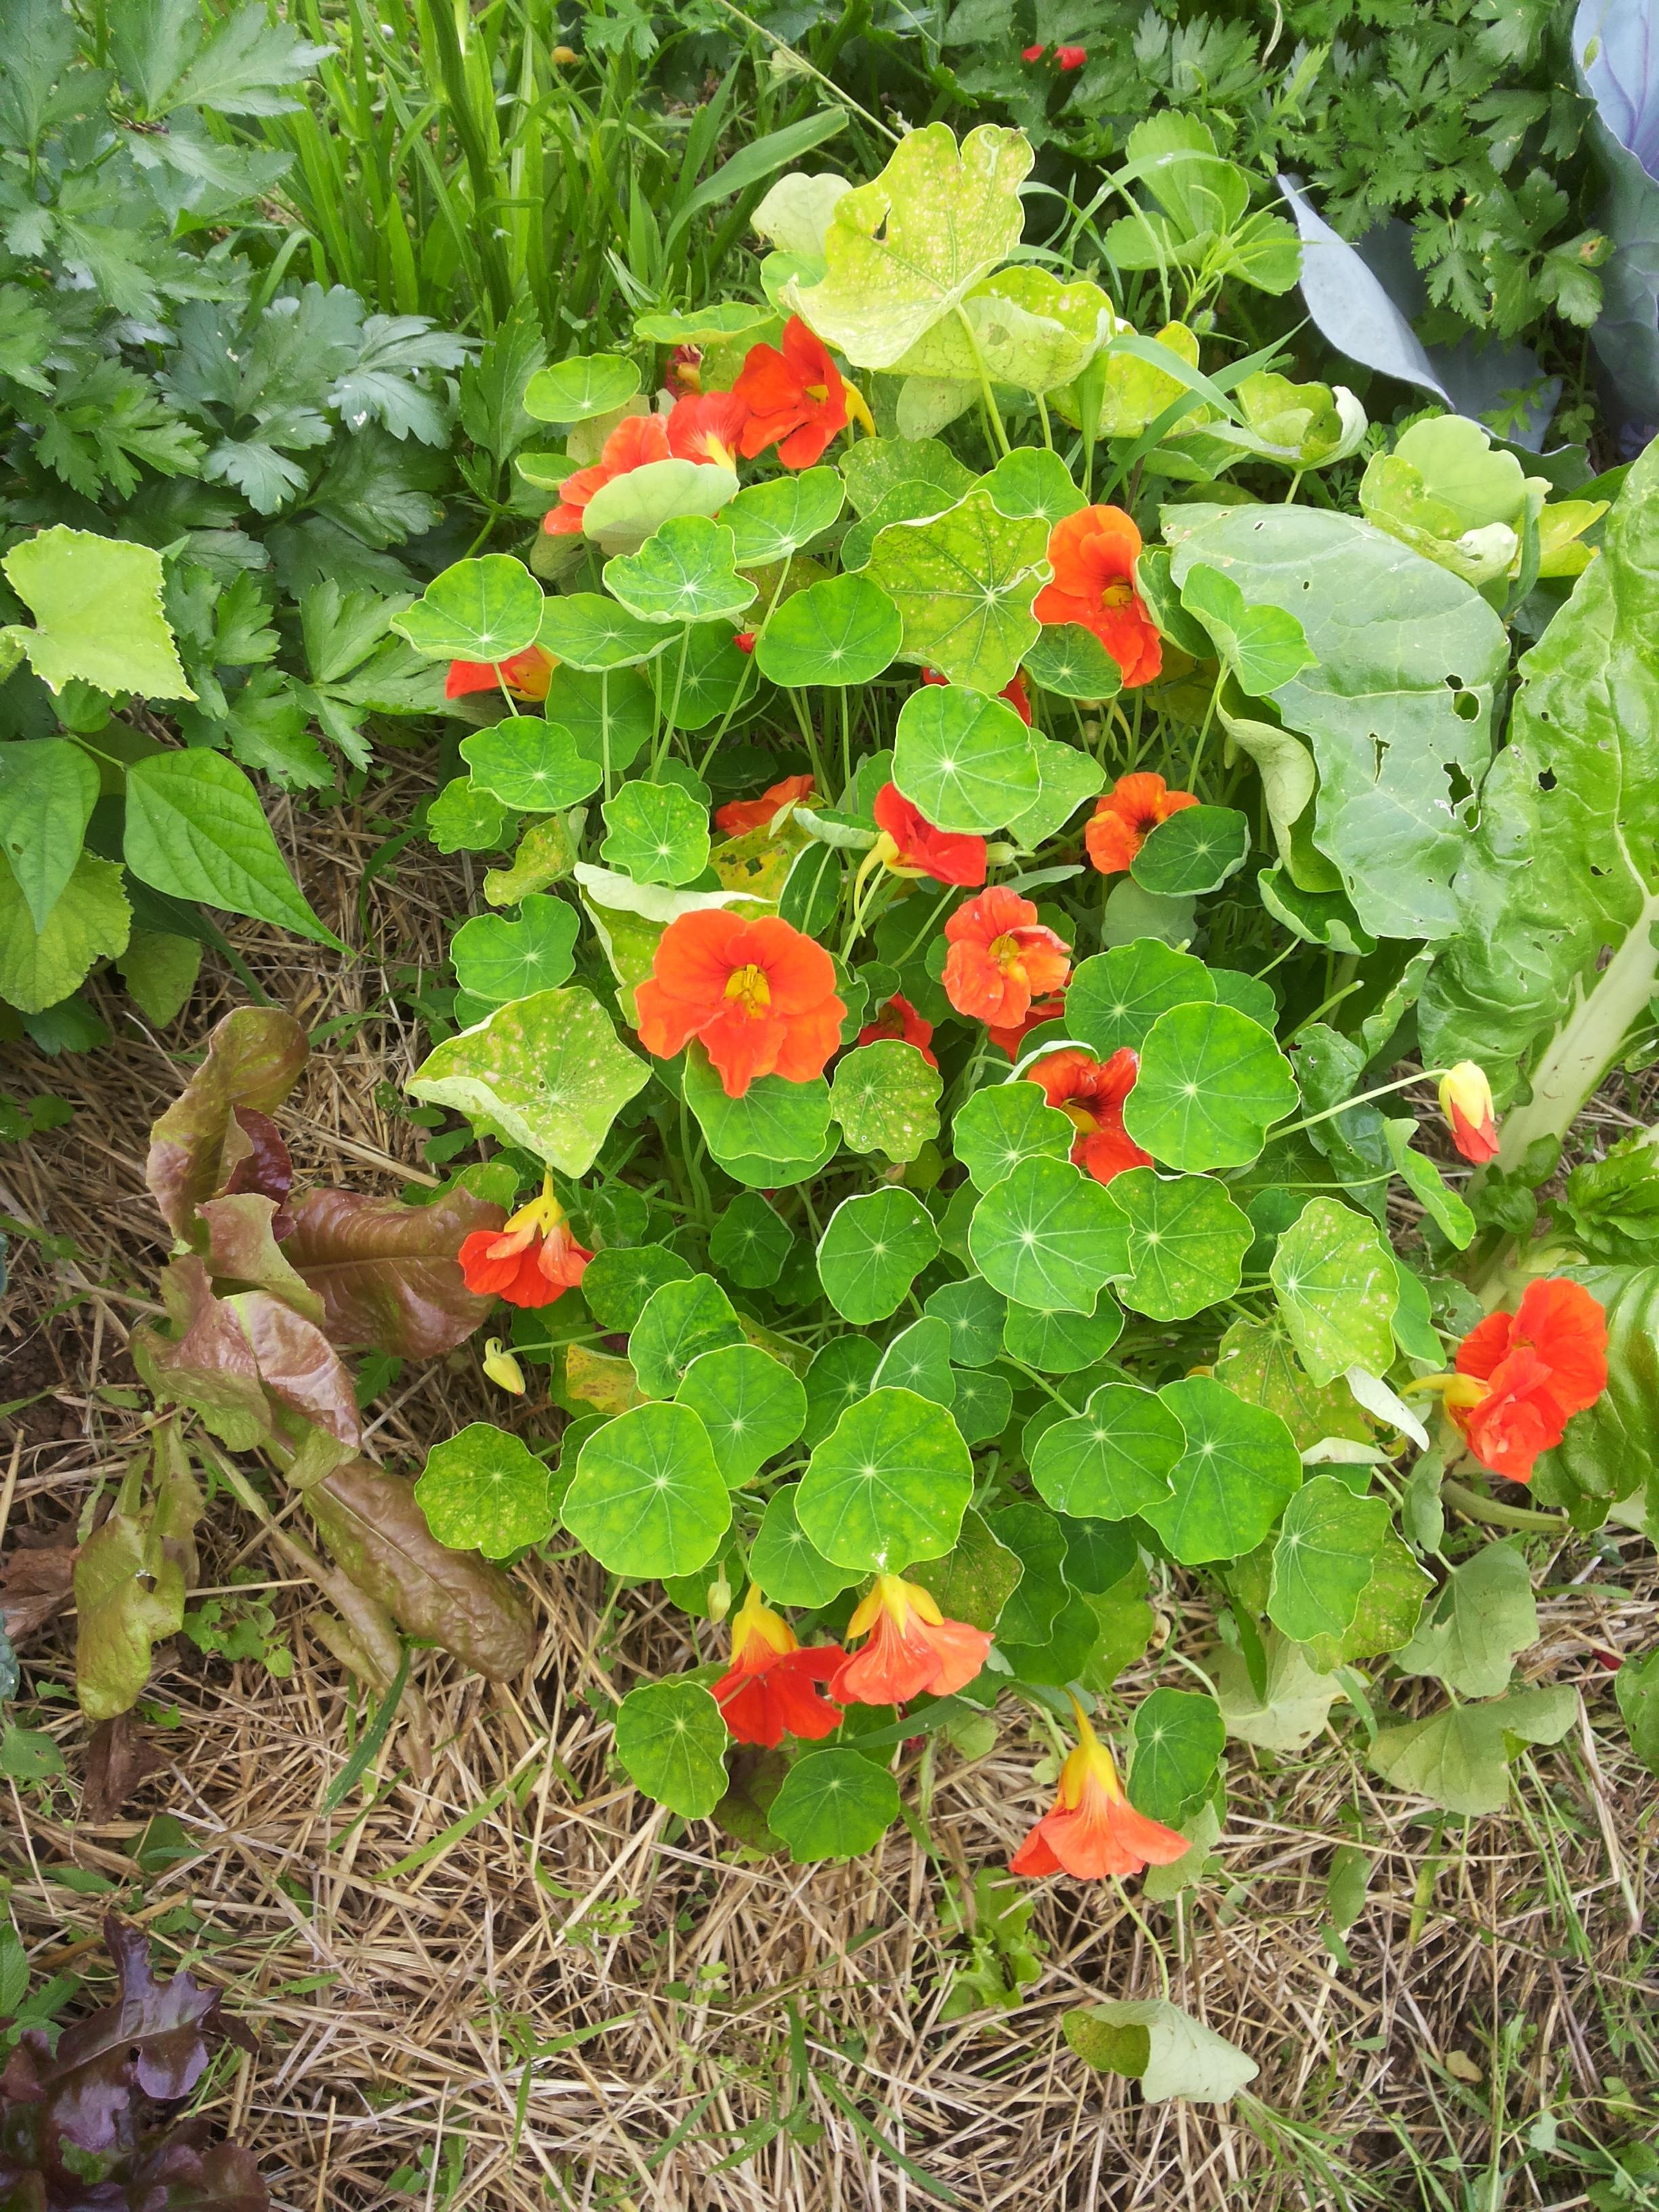 Fiori Da Piantare Nell Orto i fiori amici dell'orto - podere argo